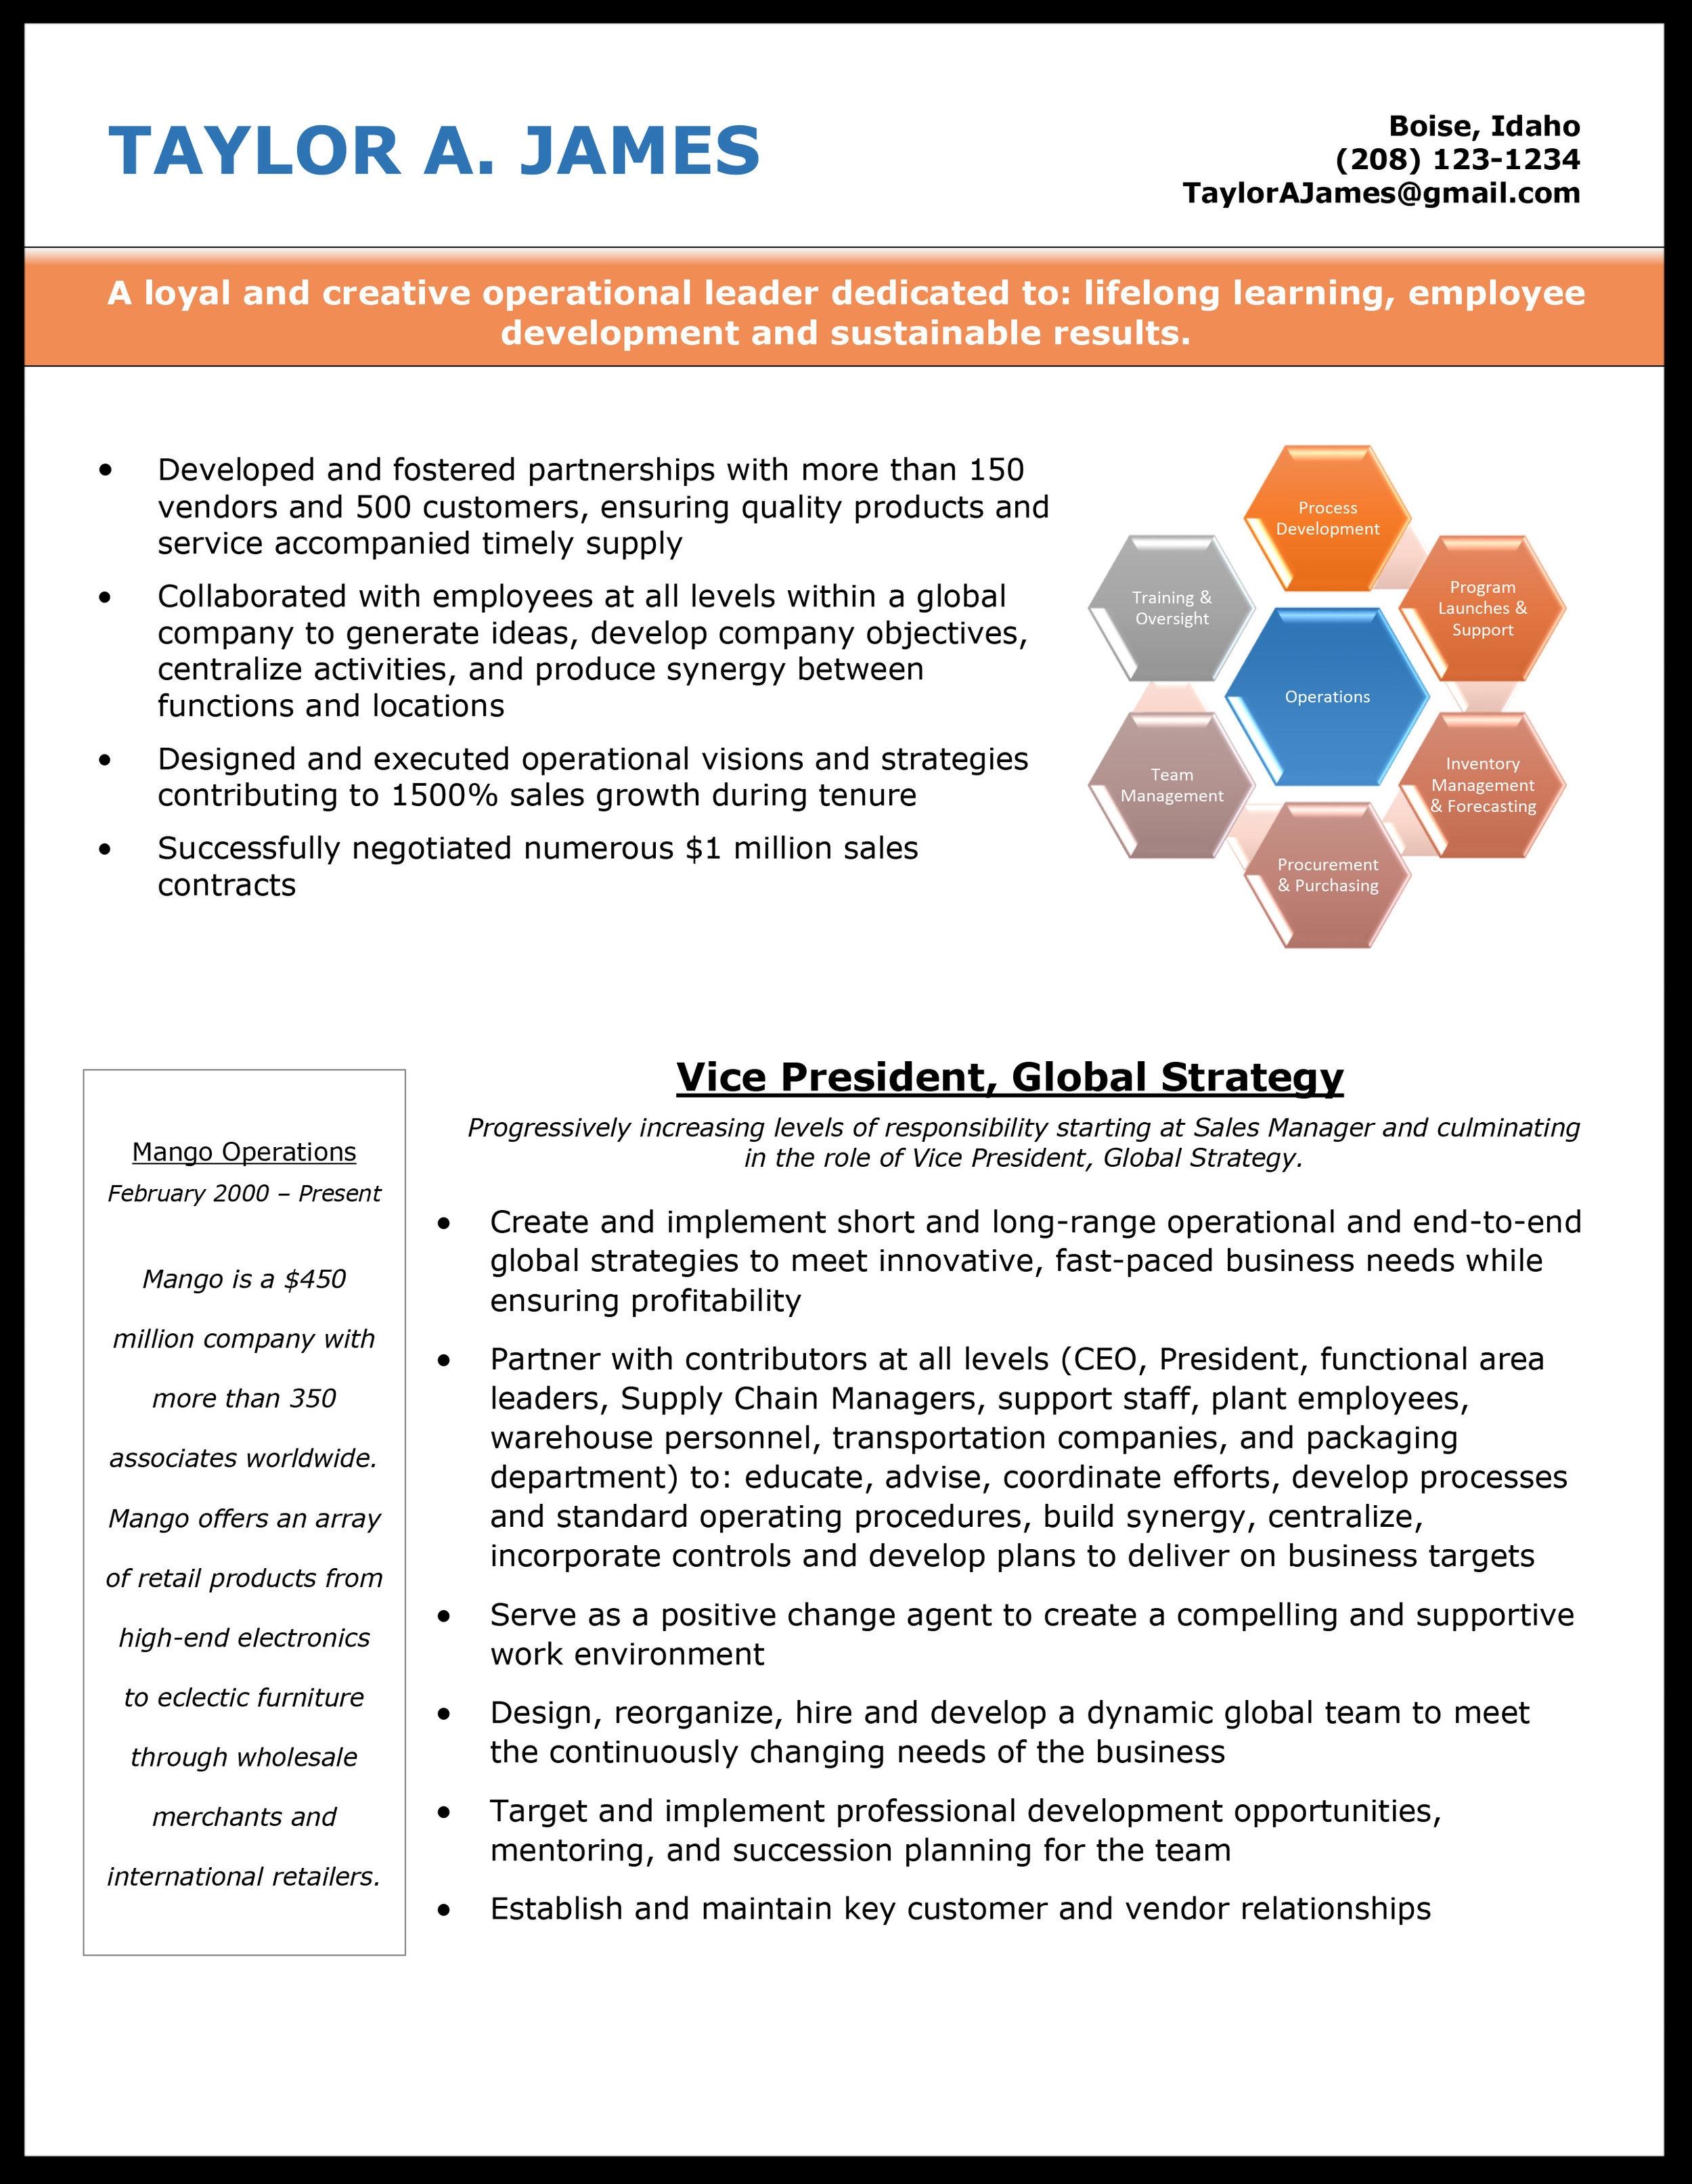 Sample Resume Global Strategy Pic3.jpg